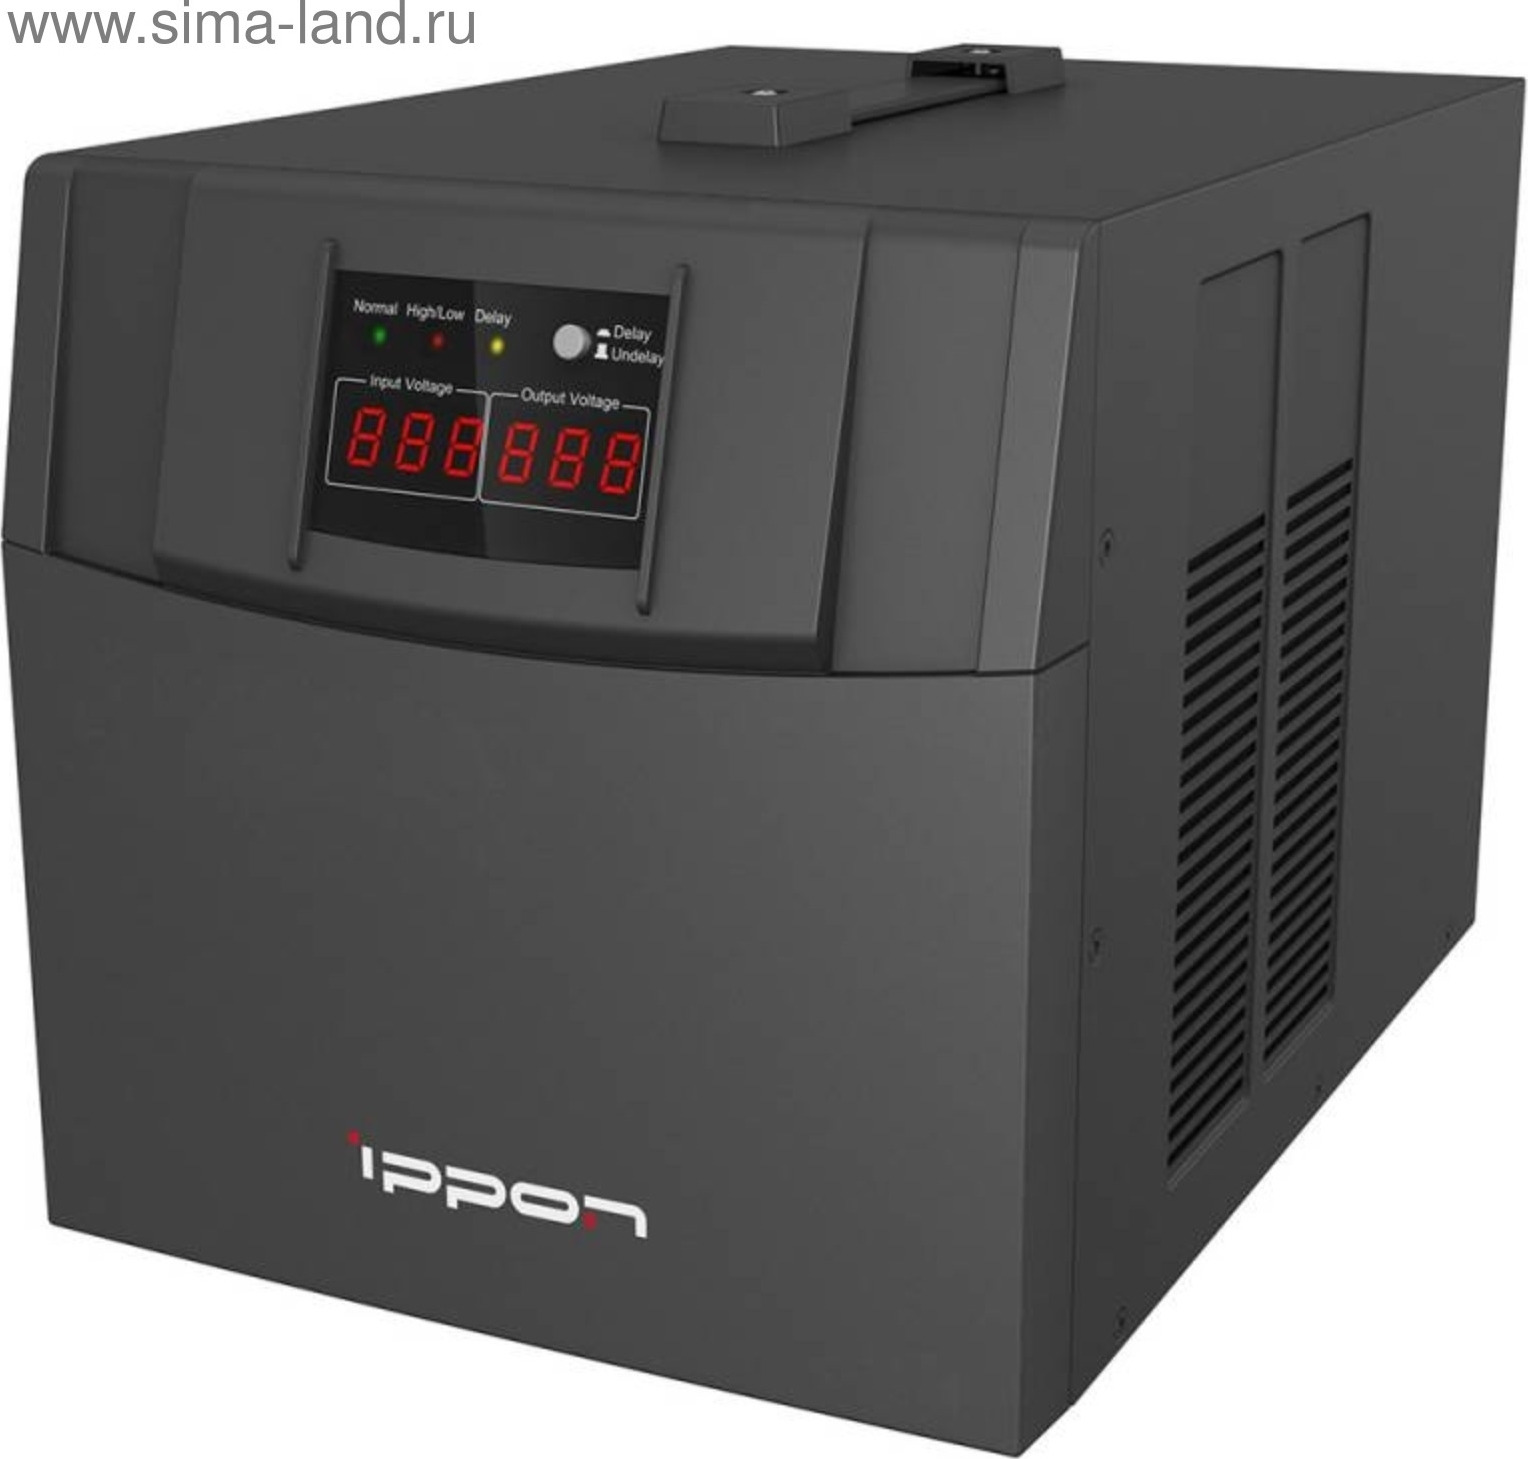 купить Стабилизатор напряжения Ippon AVR-3000 3000 Вт 3000ВА по цене 4060 рублей